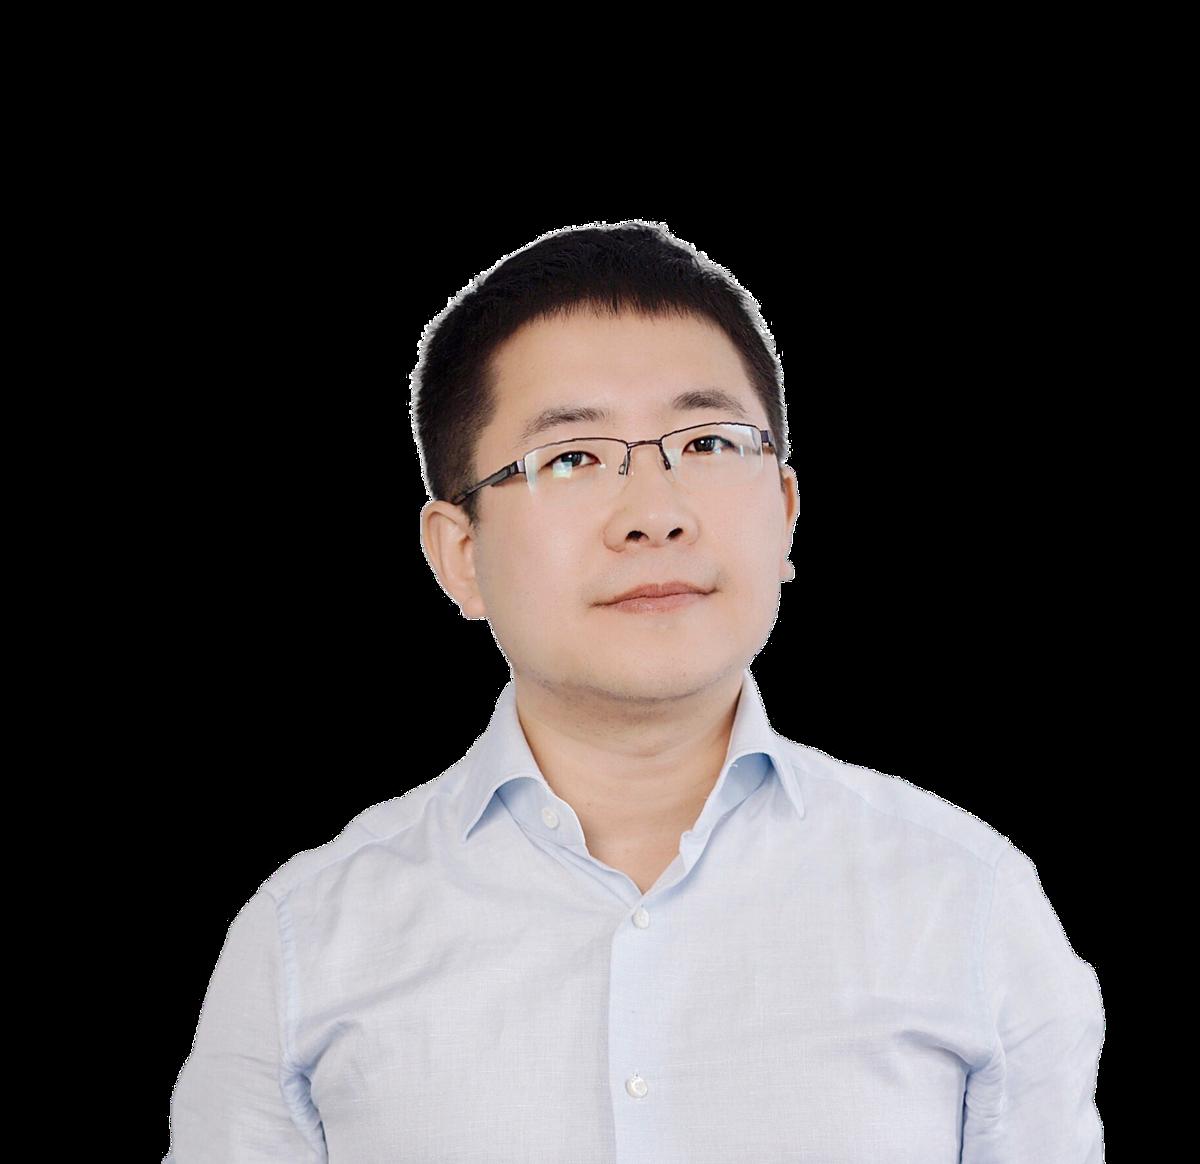 ÔngZhang Kuo - Tổng giám đốc Alibaba.com mang đến góc nhìn mới về việc tận dụng nền tảng thương mại điện tử B2B nói chung và Alibaba.com nói riêng để tăng cường giao thương xuyên biên giới.